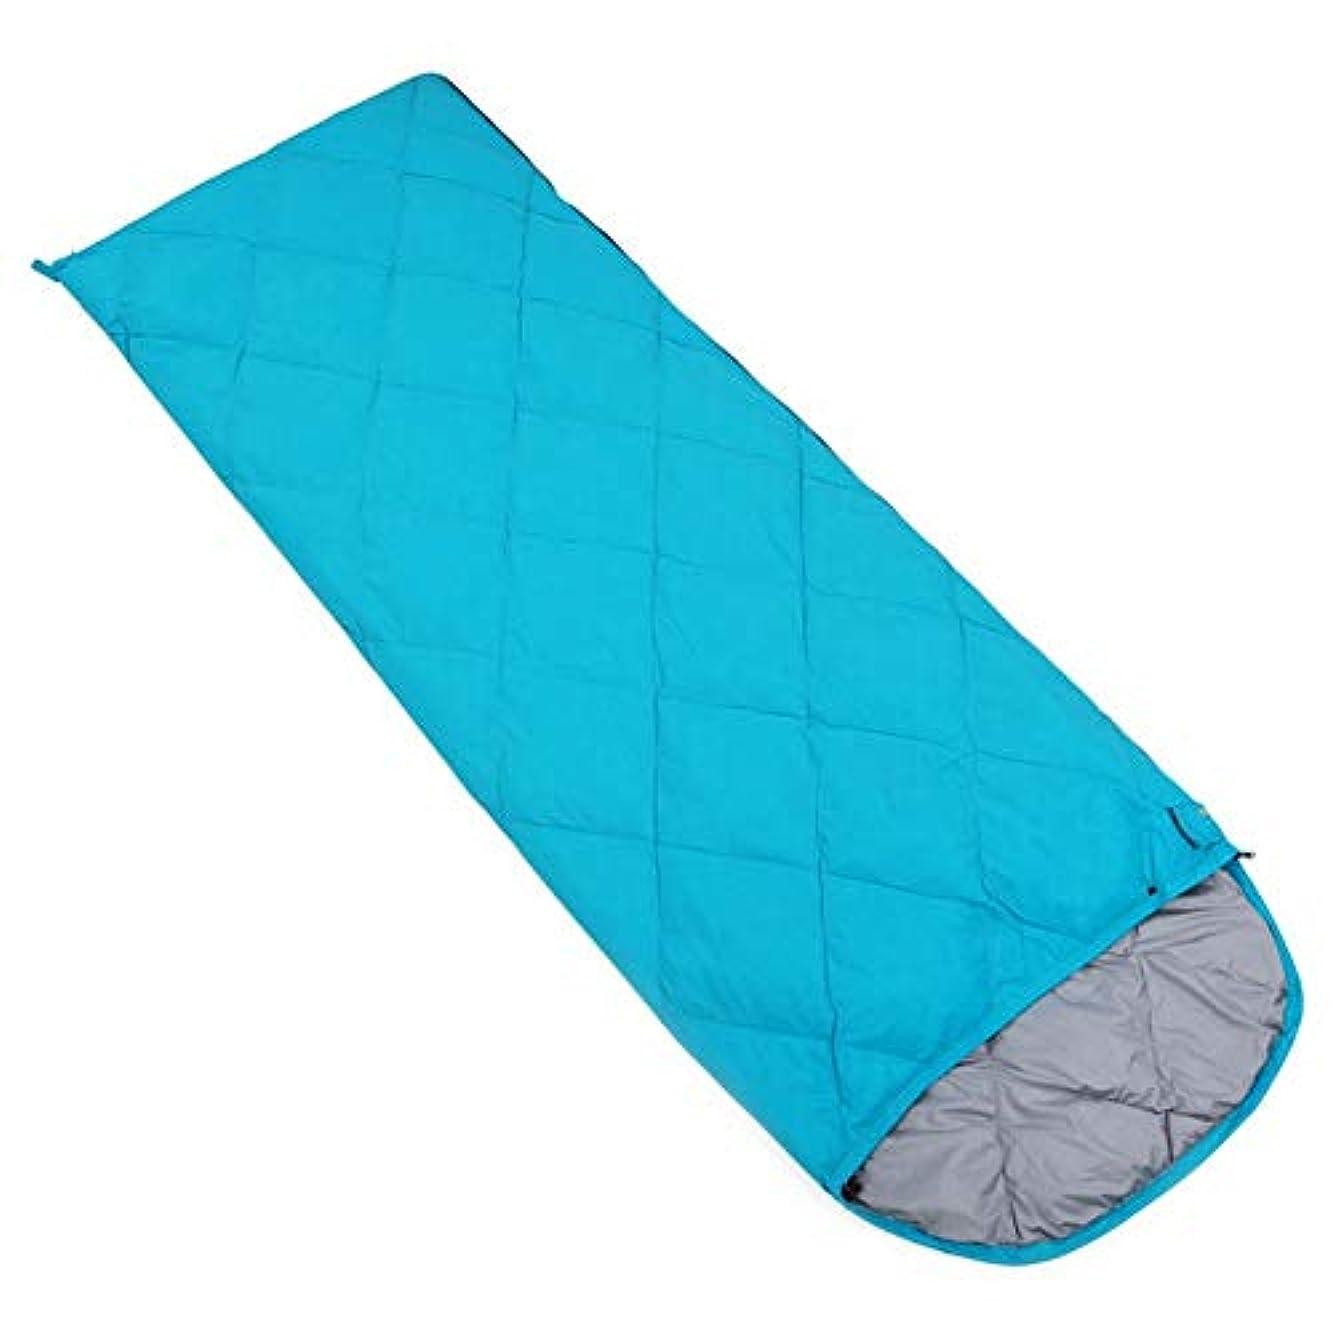 杖目指すくるみDurable,breathable,comfortableスリーピングバッグ、封筒長方形の睡眠袋防水軽量睡眠バッグ4シーズン屋内屋外ハイキングバックパックスリーピングパッド,blue,400g